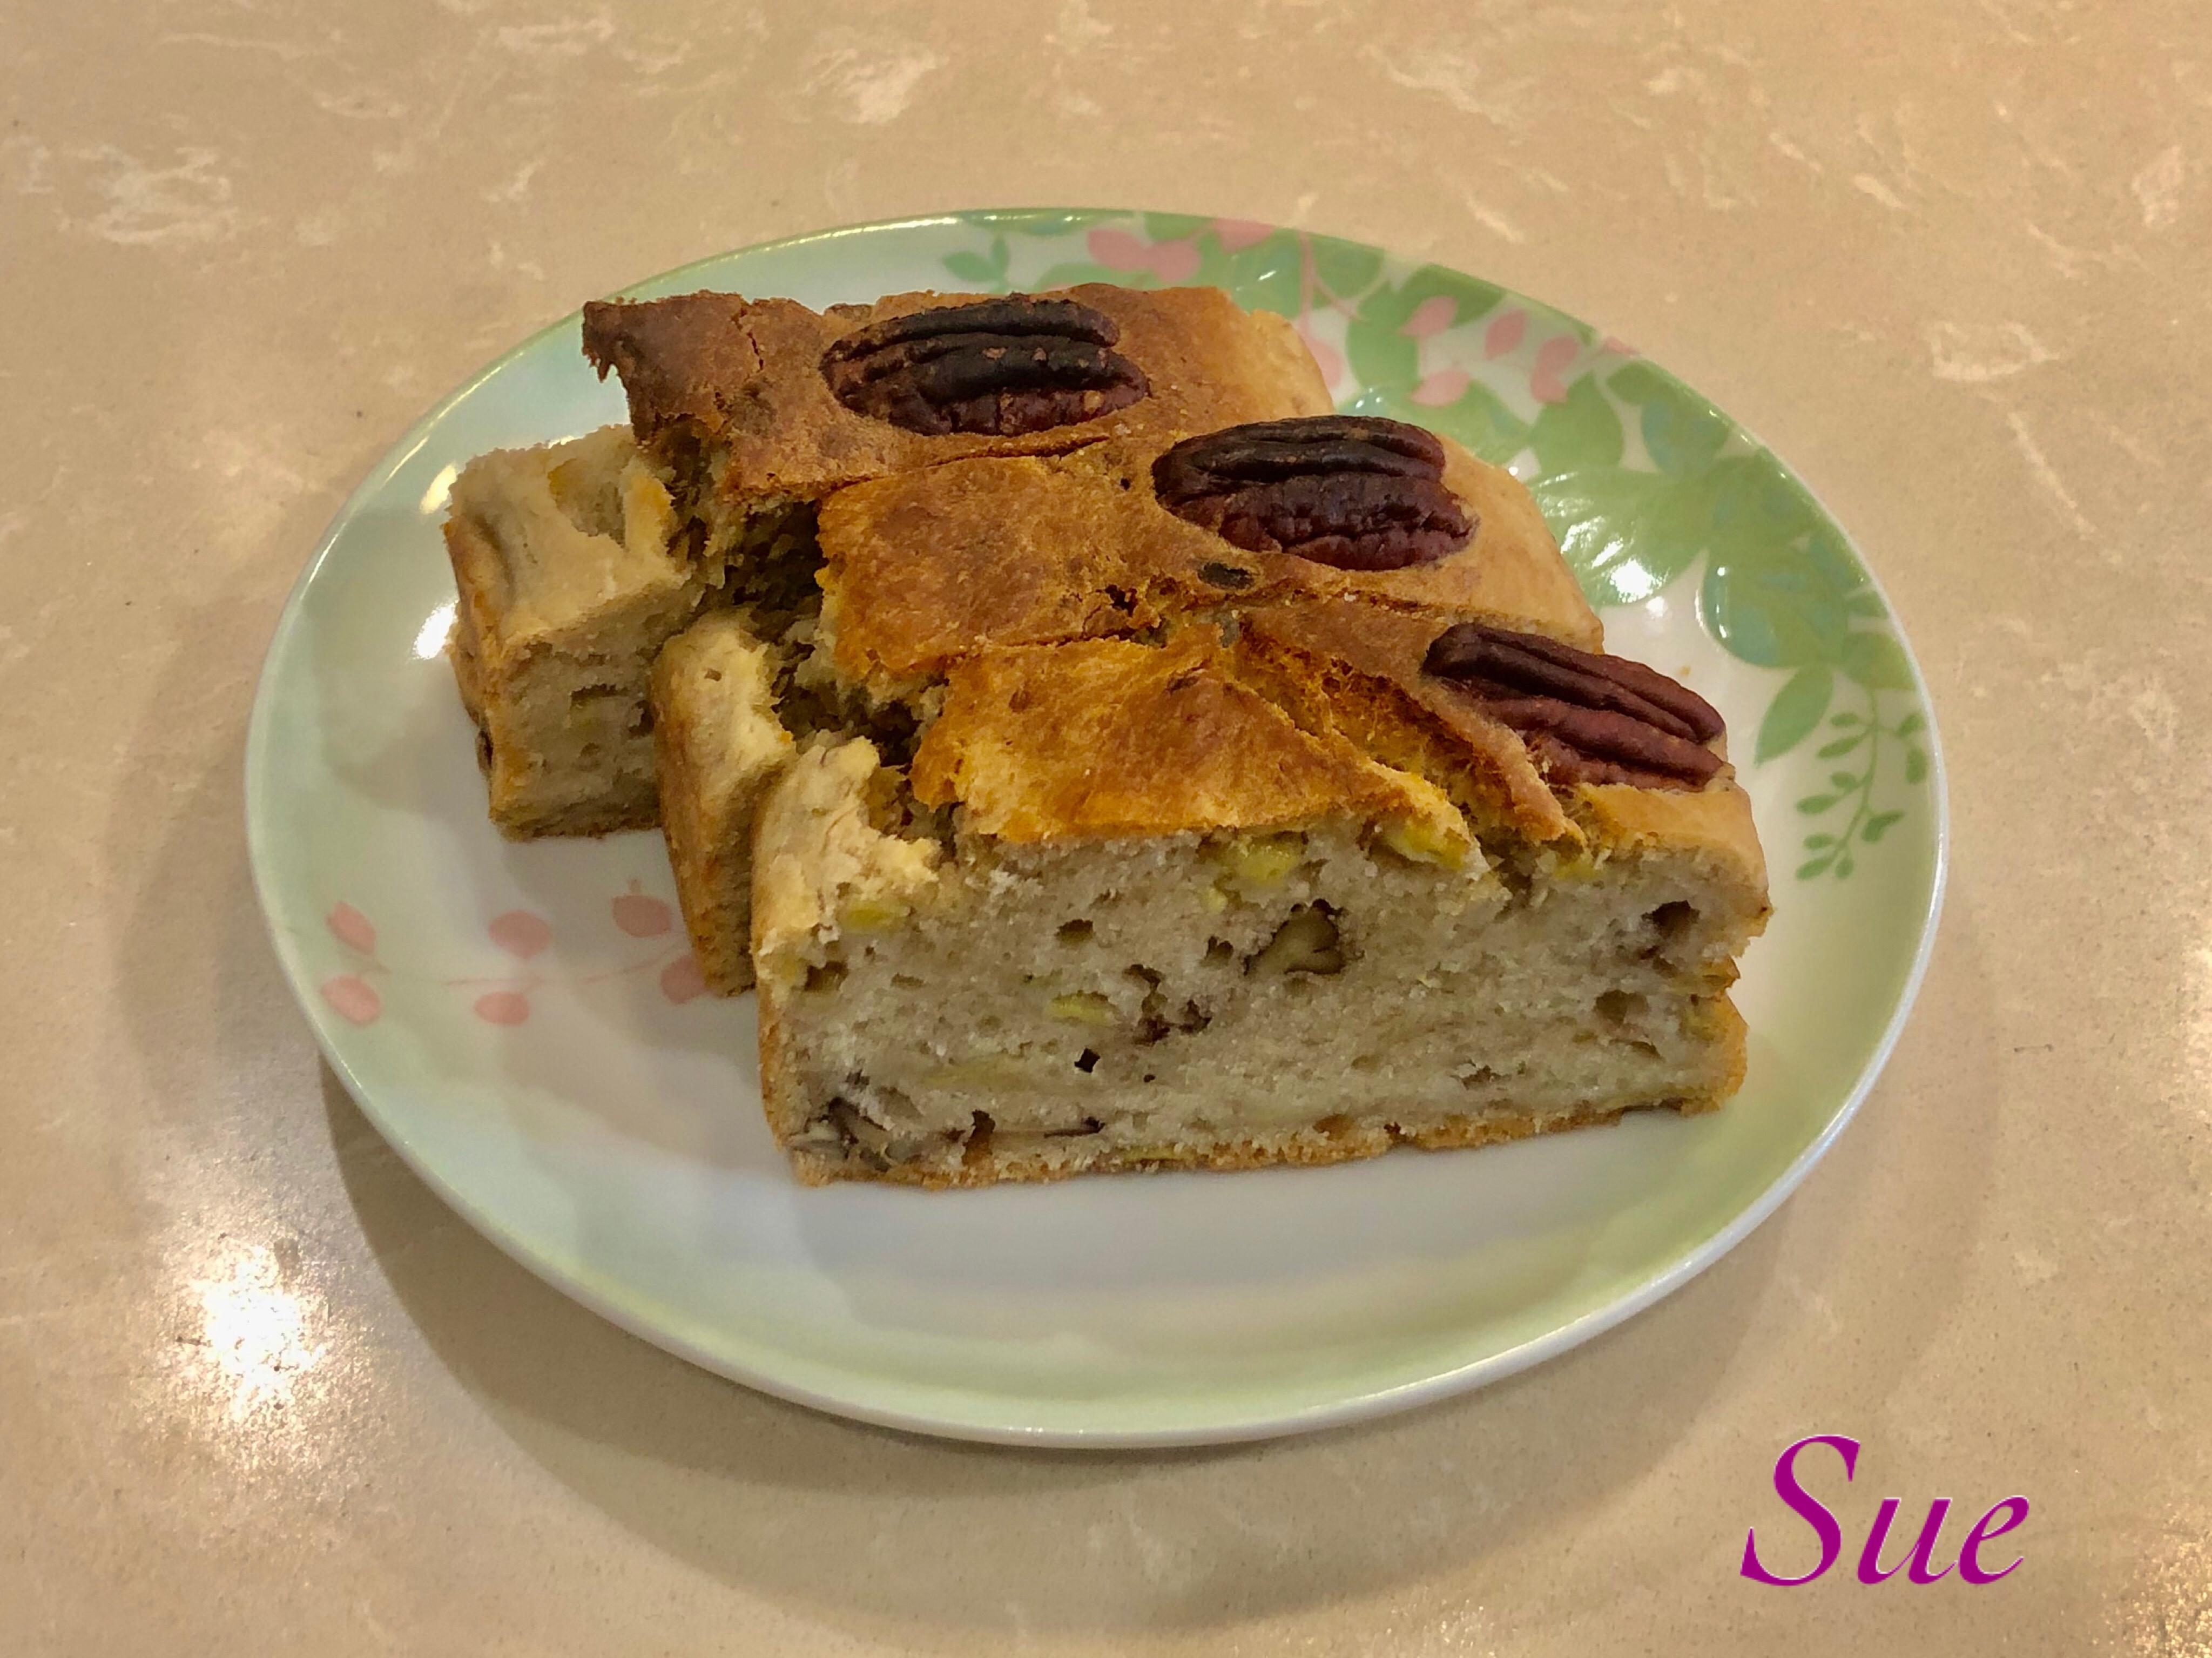 全素香蕉胡桃蛋糕